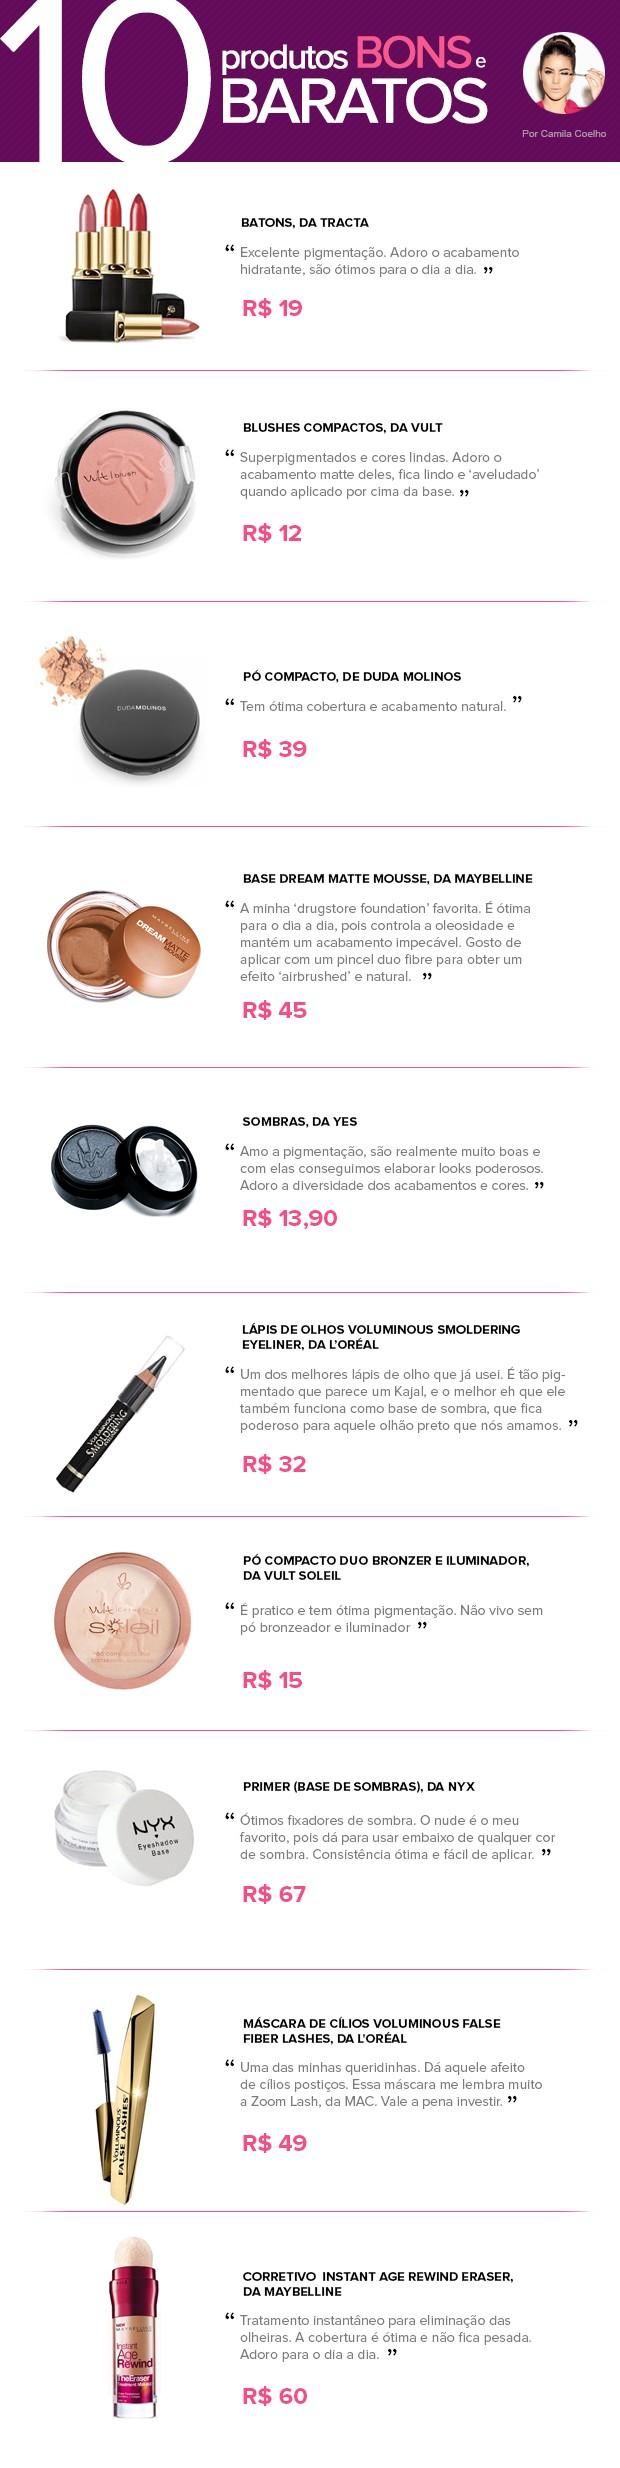 10 produtos bons e baratos - Camila Coelho (Foto: Ego)